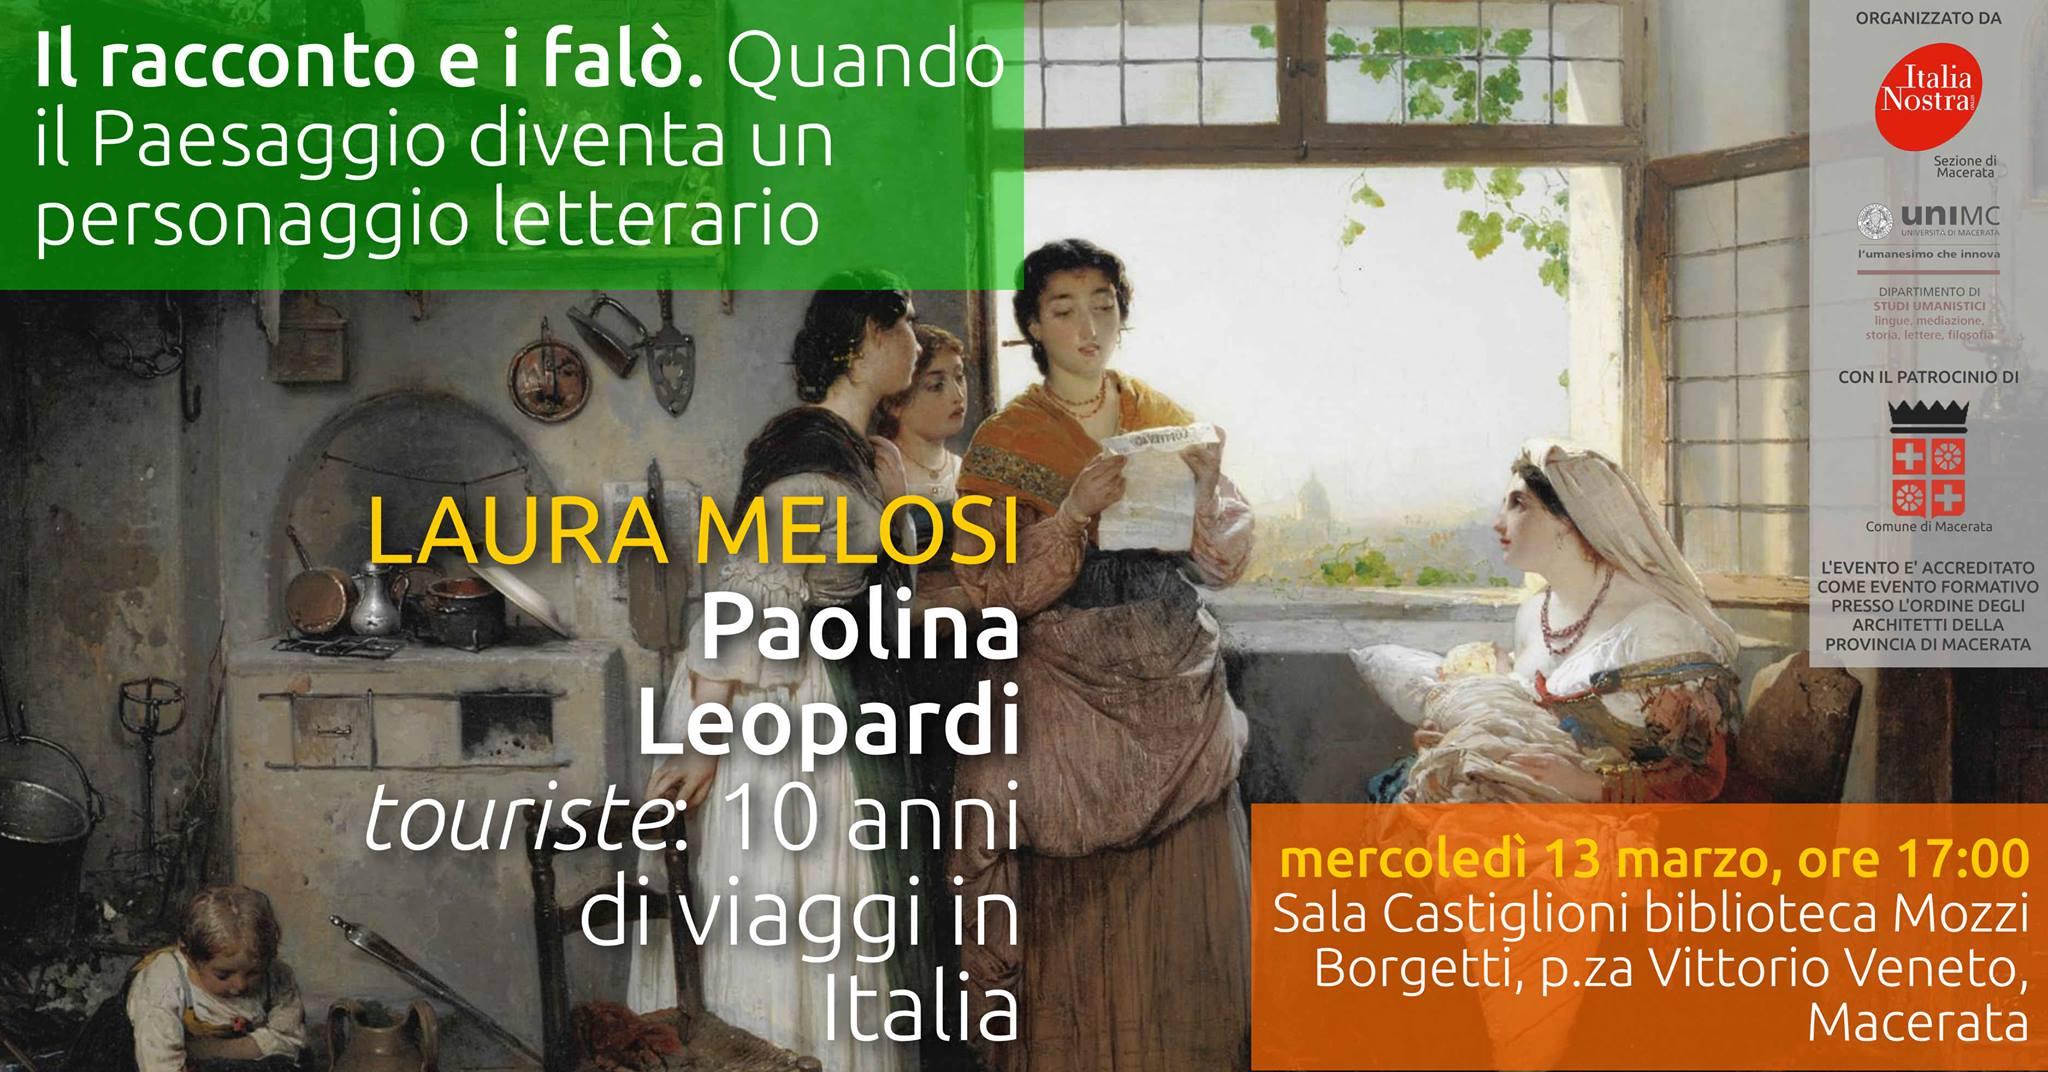 Macerata, i viaggi di Paolina Leopardi nell'Italia appena unita